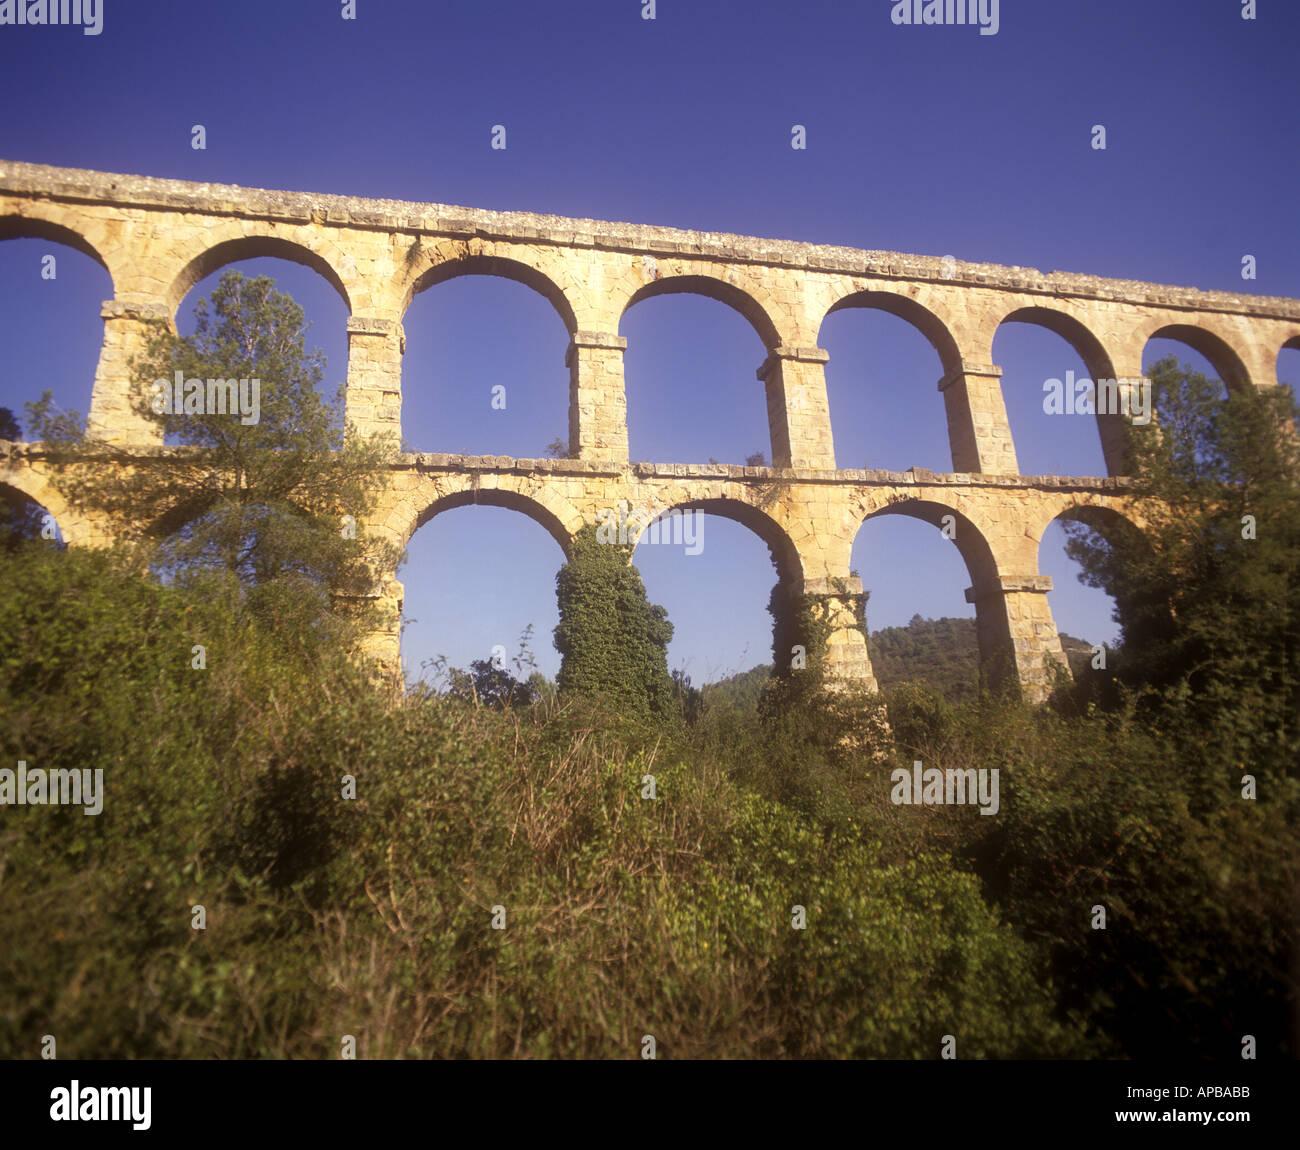 Roman aqueduct Pont del Diable near Tarragona Spain - Stock Image